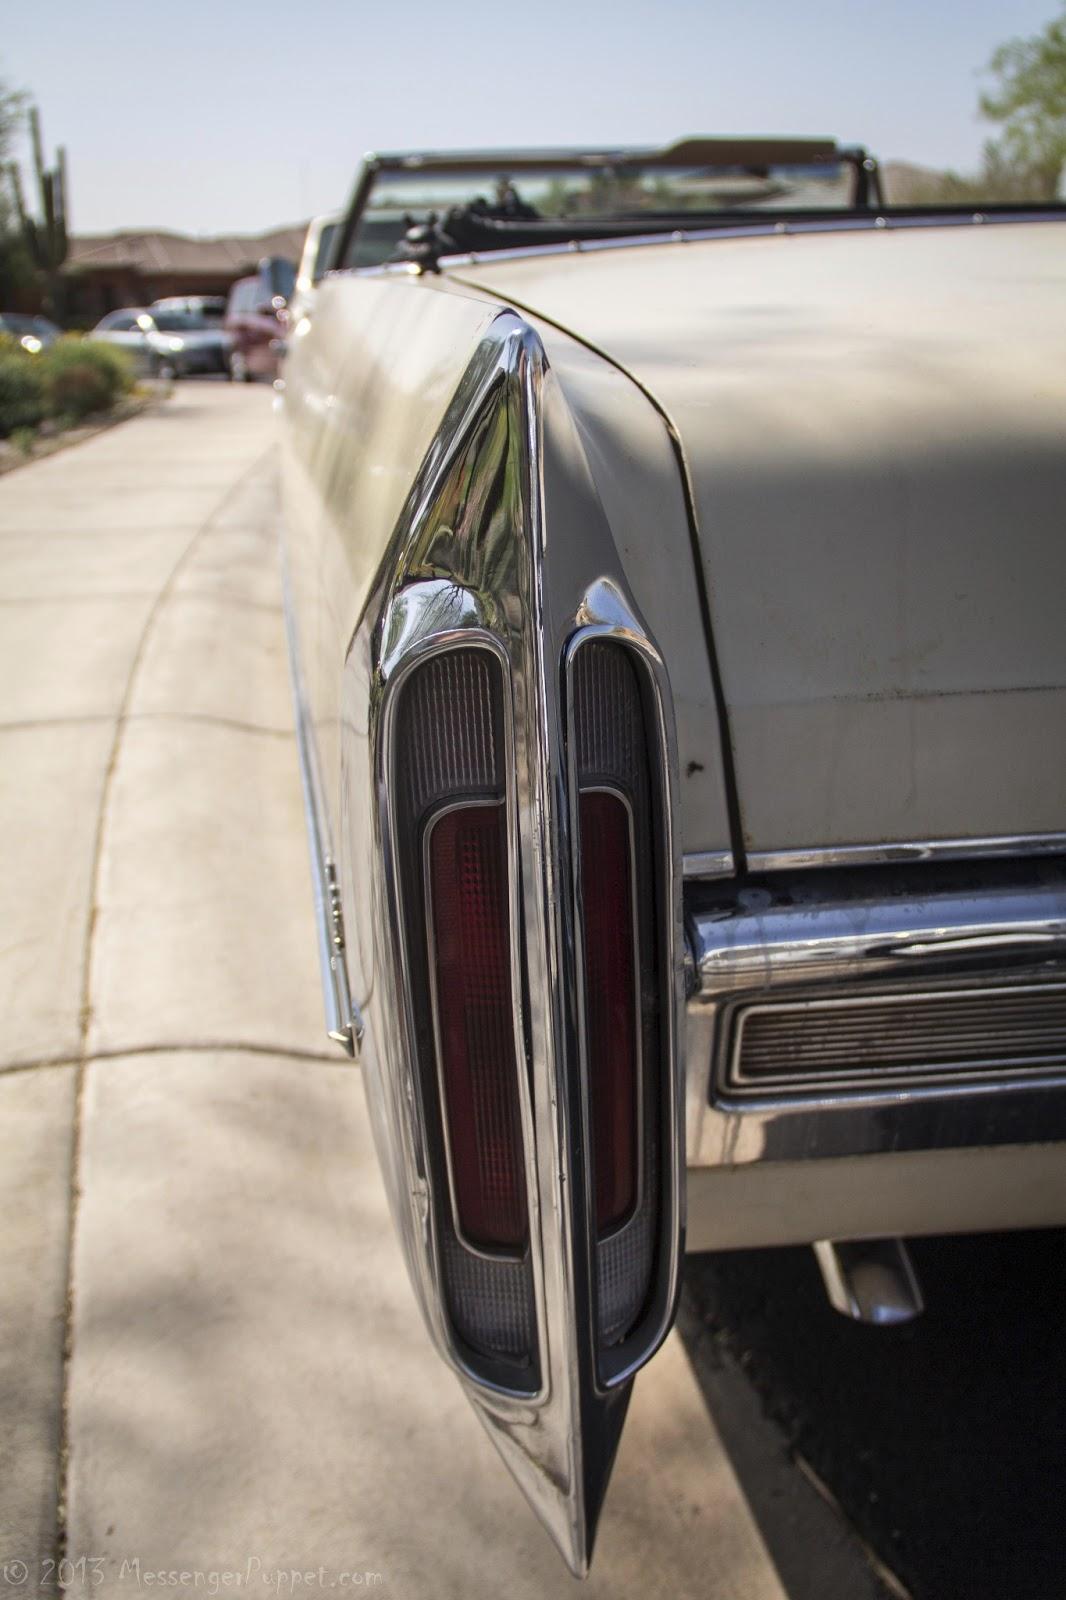 1966 Cadillac de Ville convertible tailfin